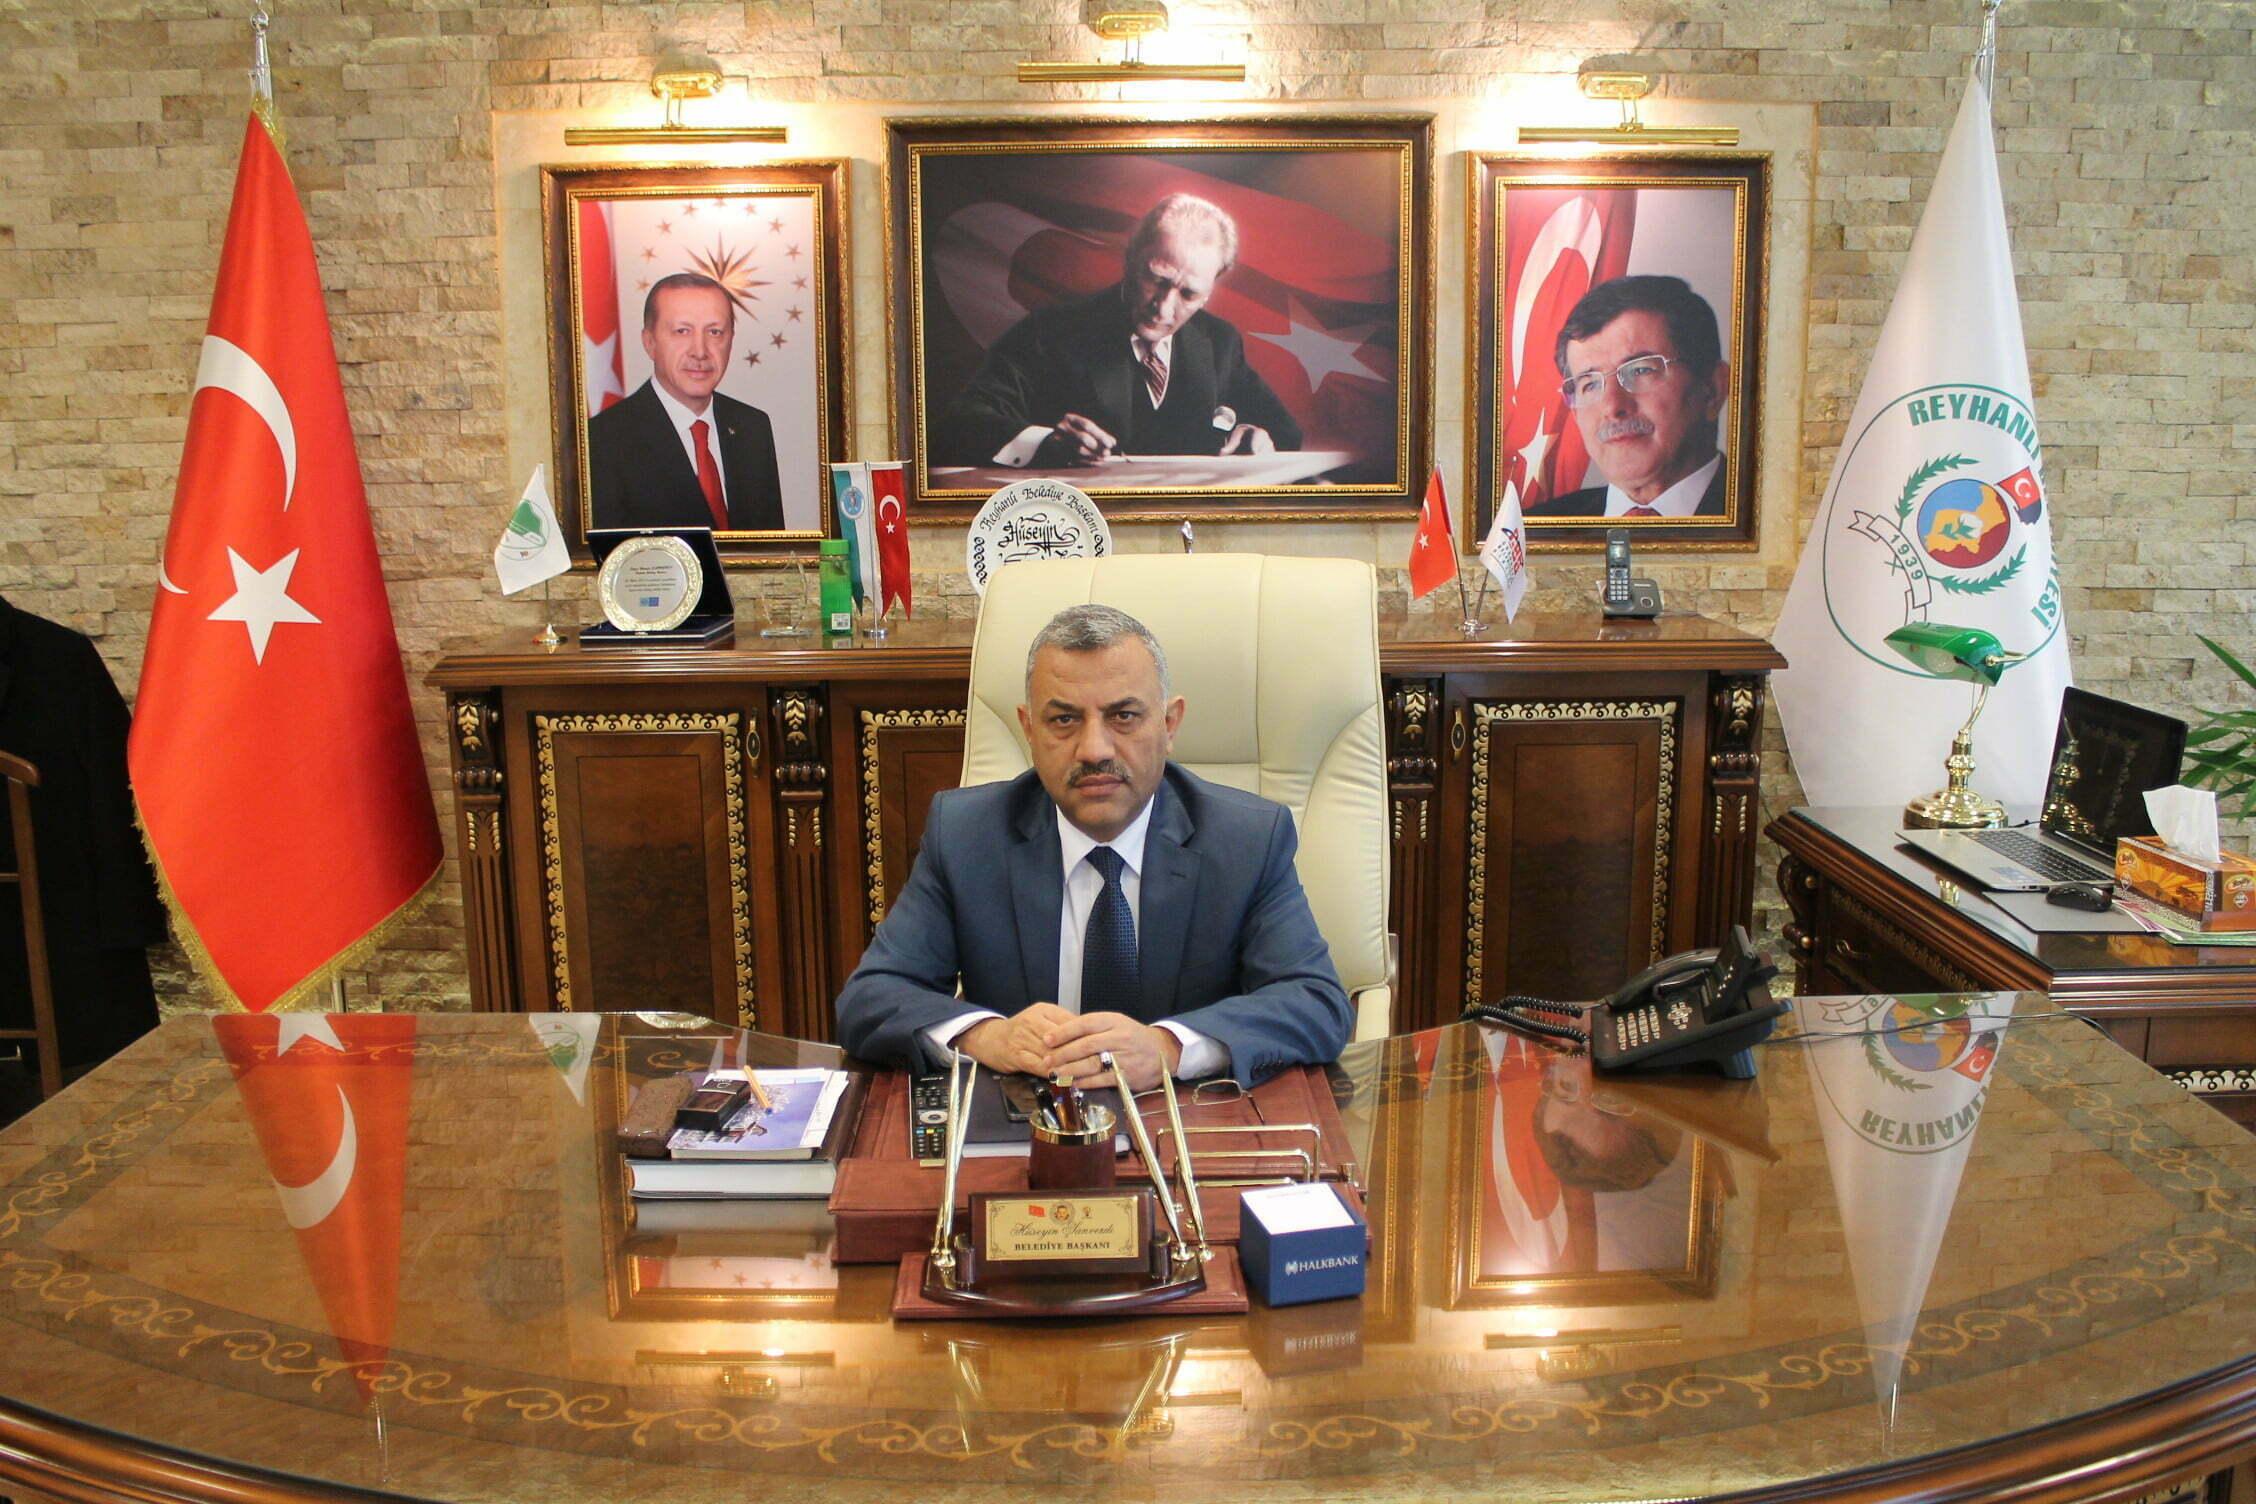 Başkan Şanverdi'nin Karayolu Güvenliği ve Trafik Haftası Mesajı